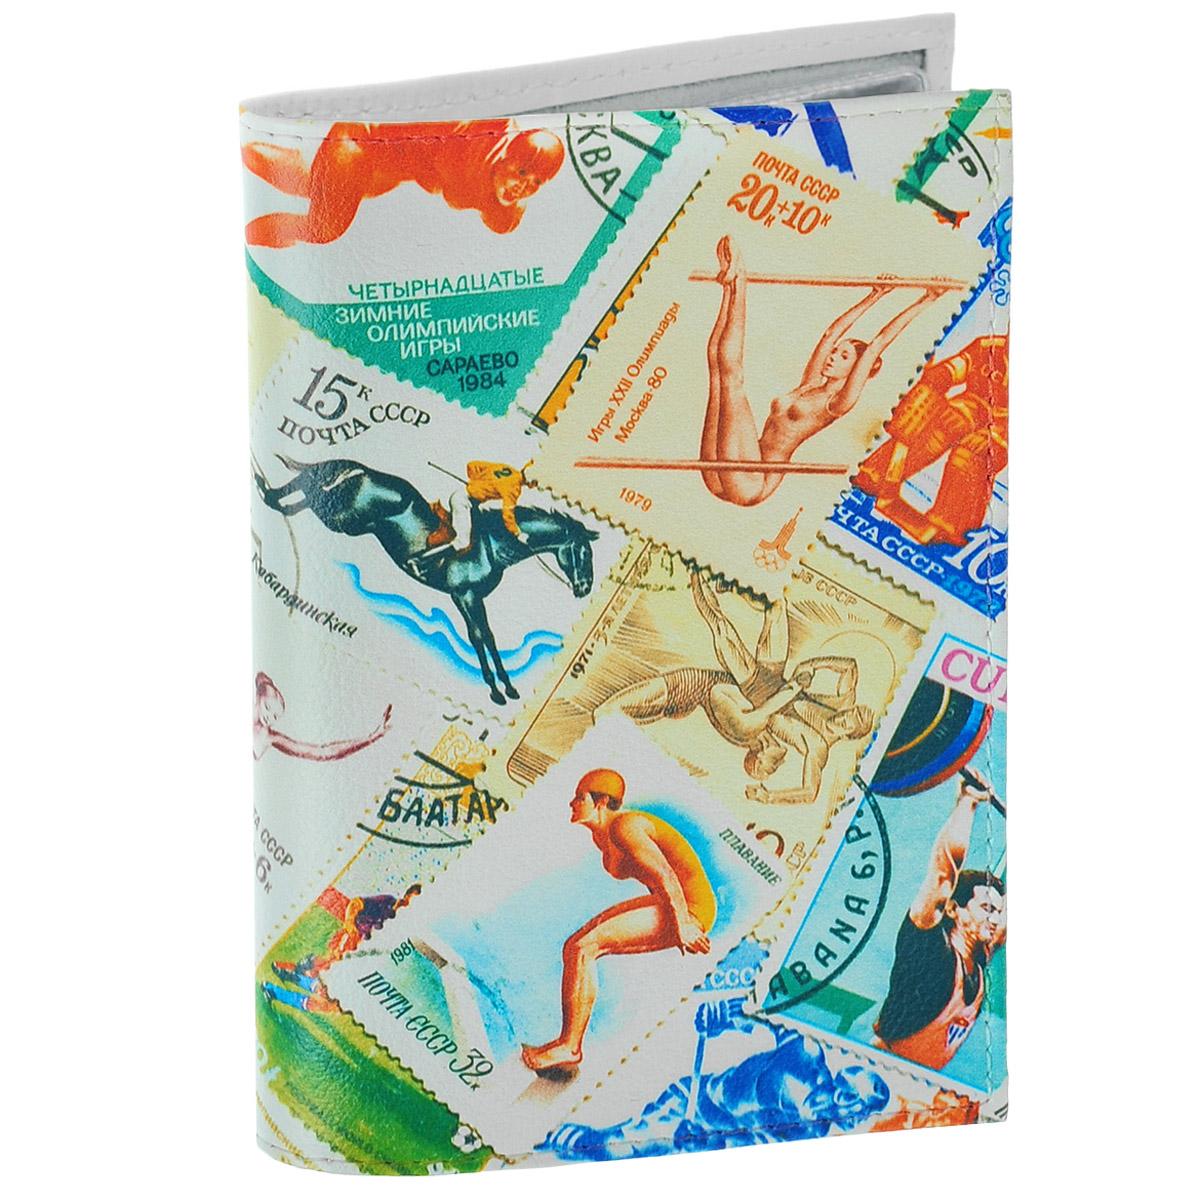 Обложка для автодокументов Спорт (марки) 2. AUTO282AUTO282Обложка для автодокументов Mitya Veselkov Спорт. Марки - 2 изготовлена из натуральной кожи и оформлена изображениями почтовых марок со спортивной тематикой. На внутреннем развороте имеются съемный блок из шести прозрачных файлов из мягкого пластика для водительских документов, один из которых формата А5, а также два боковых кармашка для визиток или банковских карт. Стильная обложка не только поможет сохранить внешний вид ваших документов и защитит их от грязи и пыли, но и станет аксессуаром, который подчеркнет вашу яркую индивидуальность.